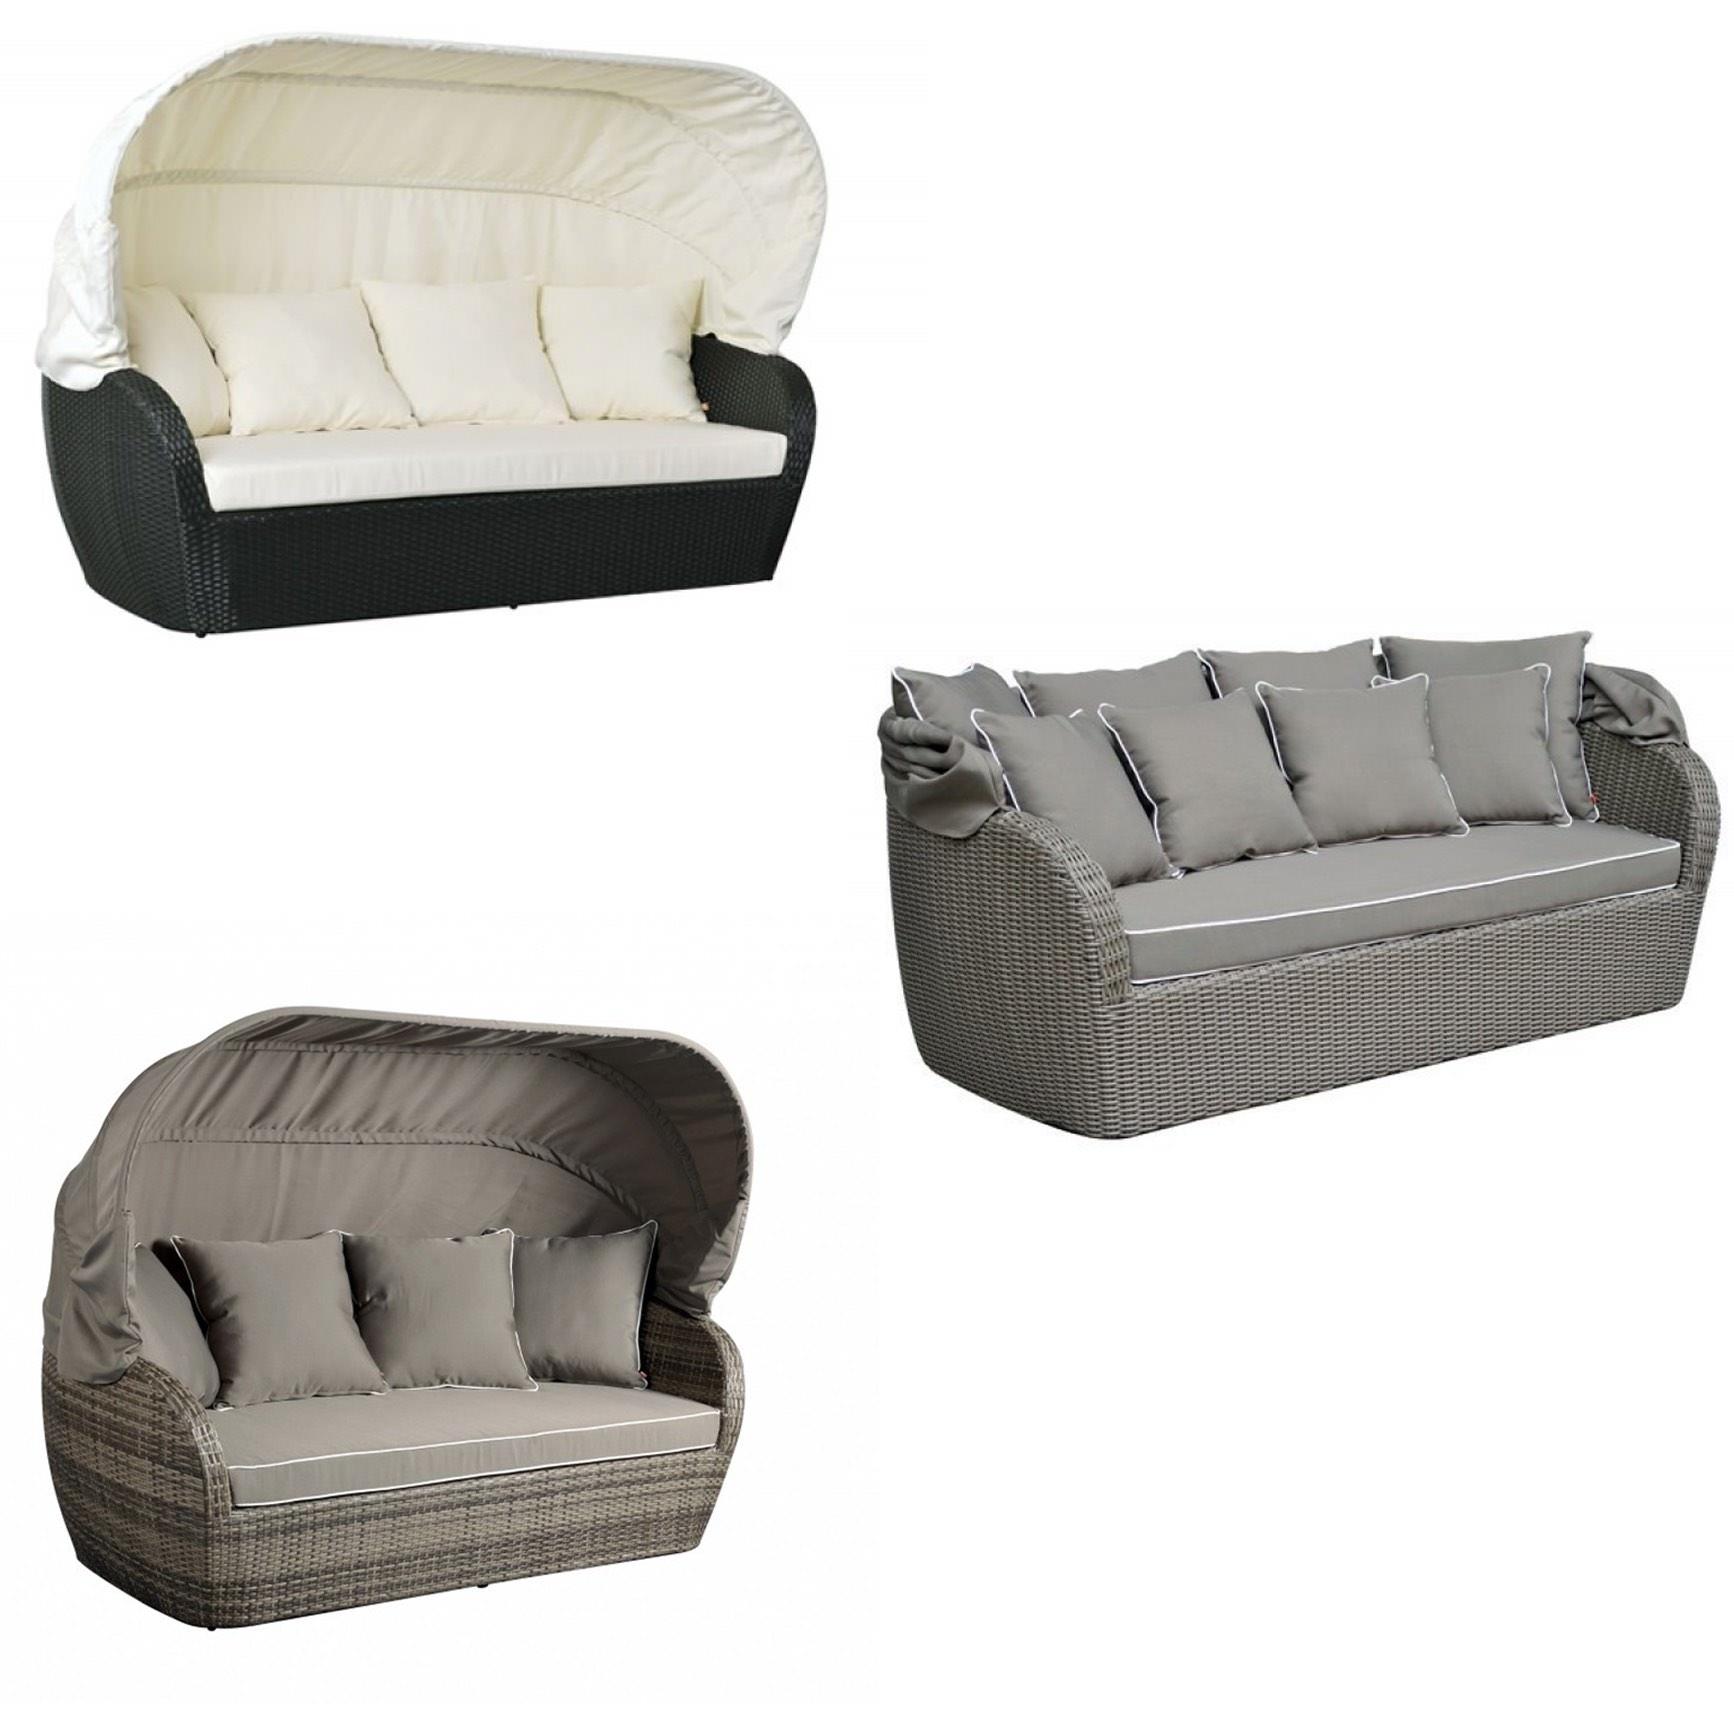 fein gartenm bel profi fotos die besten einrichtungsideen. Black Bedroom Furniture Sets. Home Design Ideas